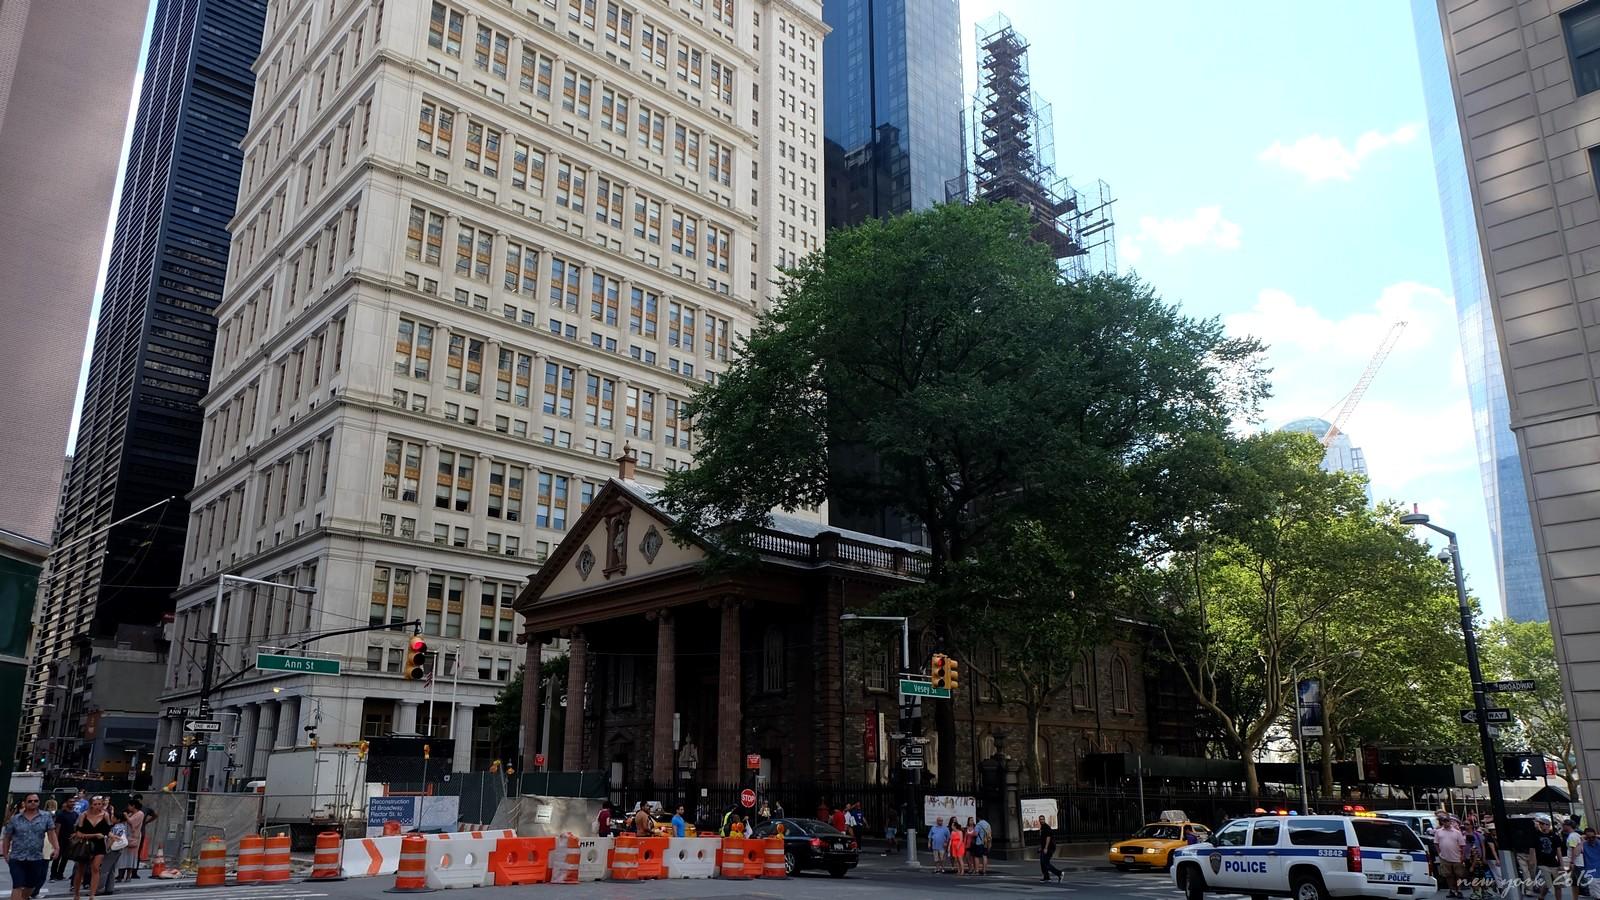 St. Pauls Chapel, Broadway, New York City, USA